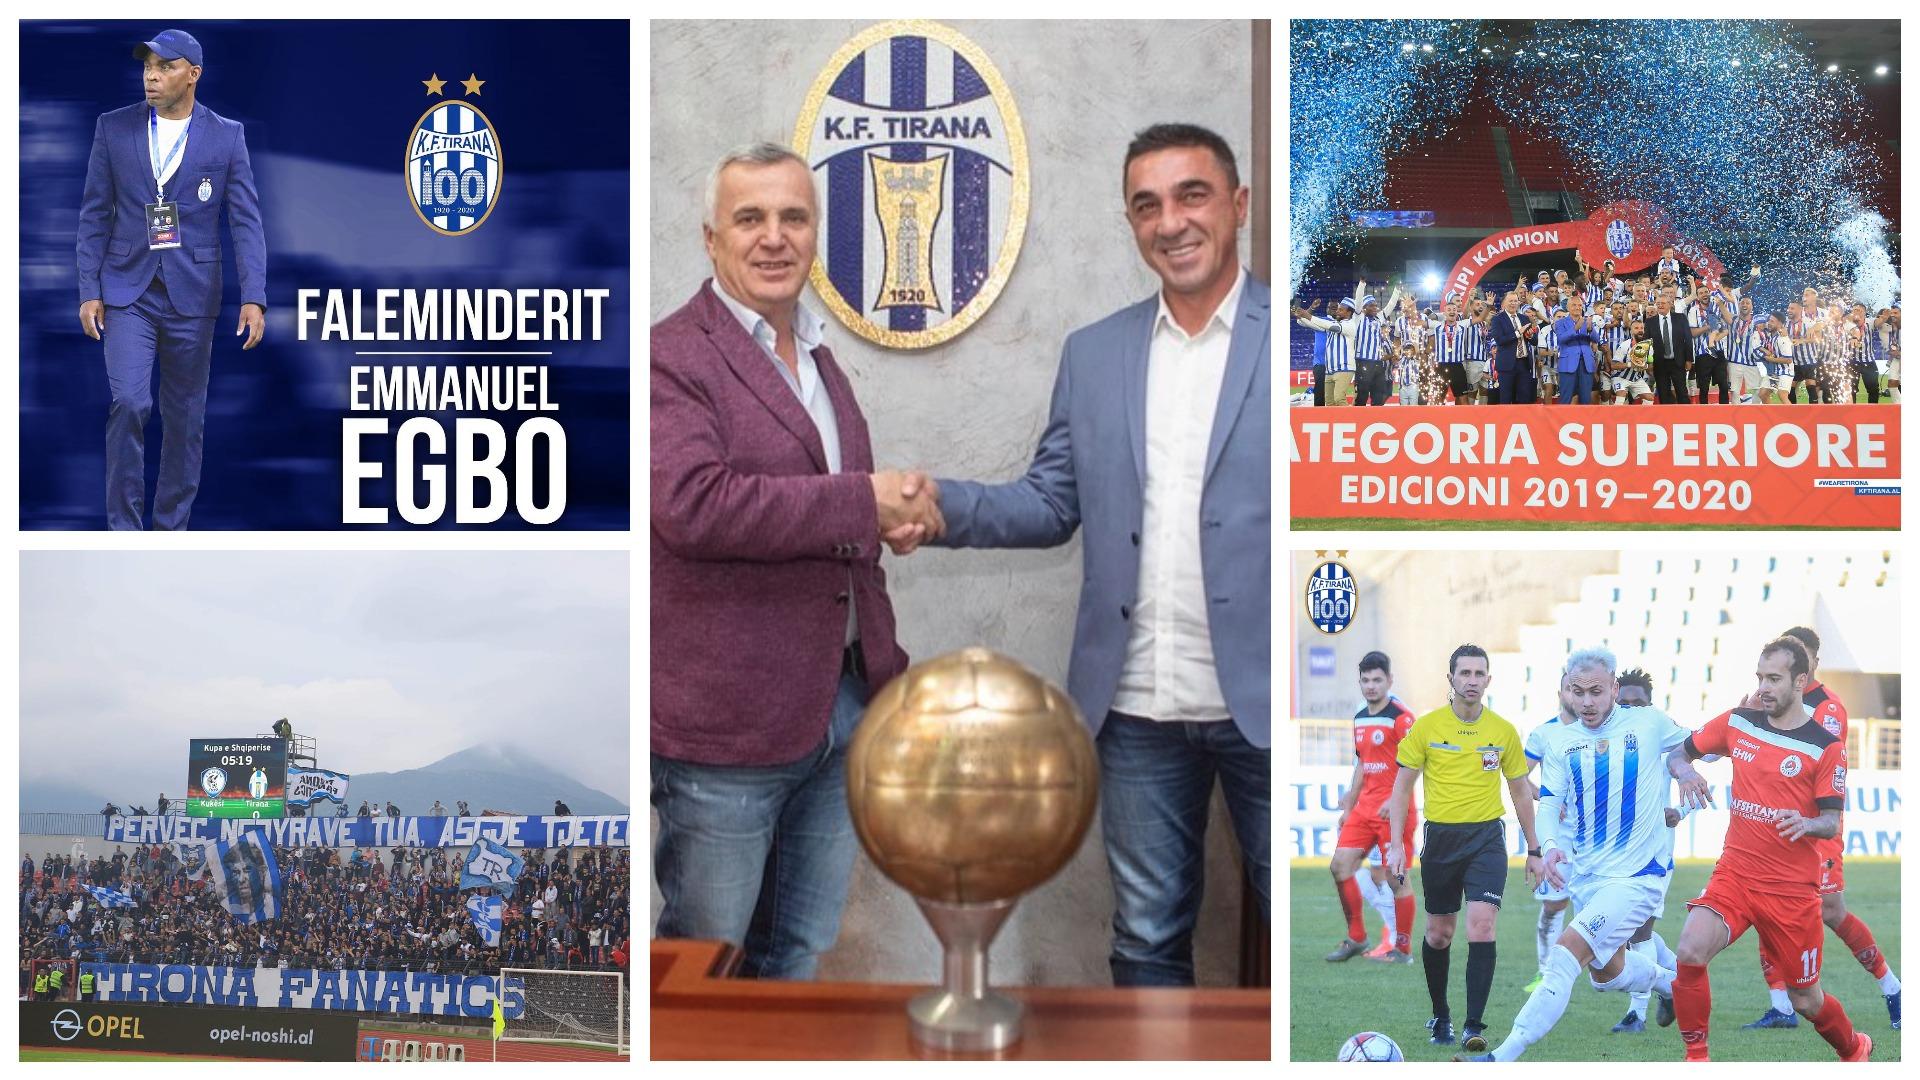 """25 herë kampionët e kthyer në klub lagjeje, sa shumë """"mëkate"""" te Tirana e Halilit"""